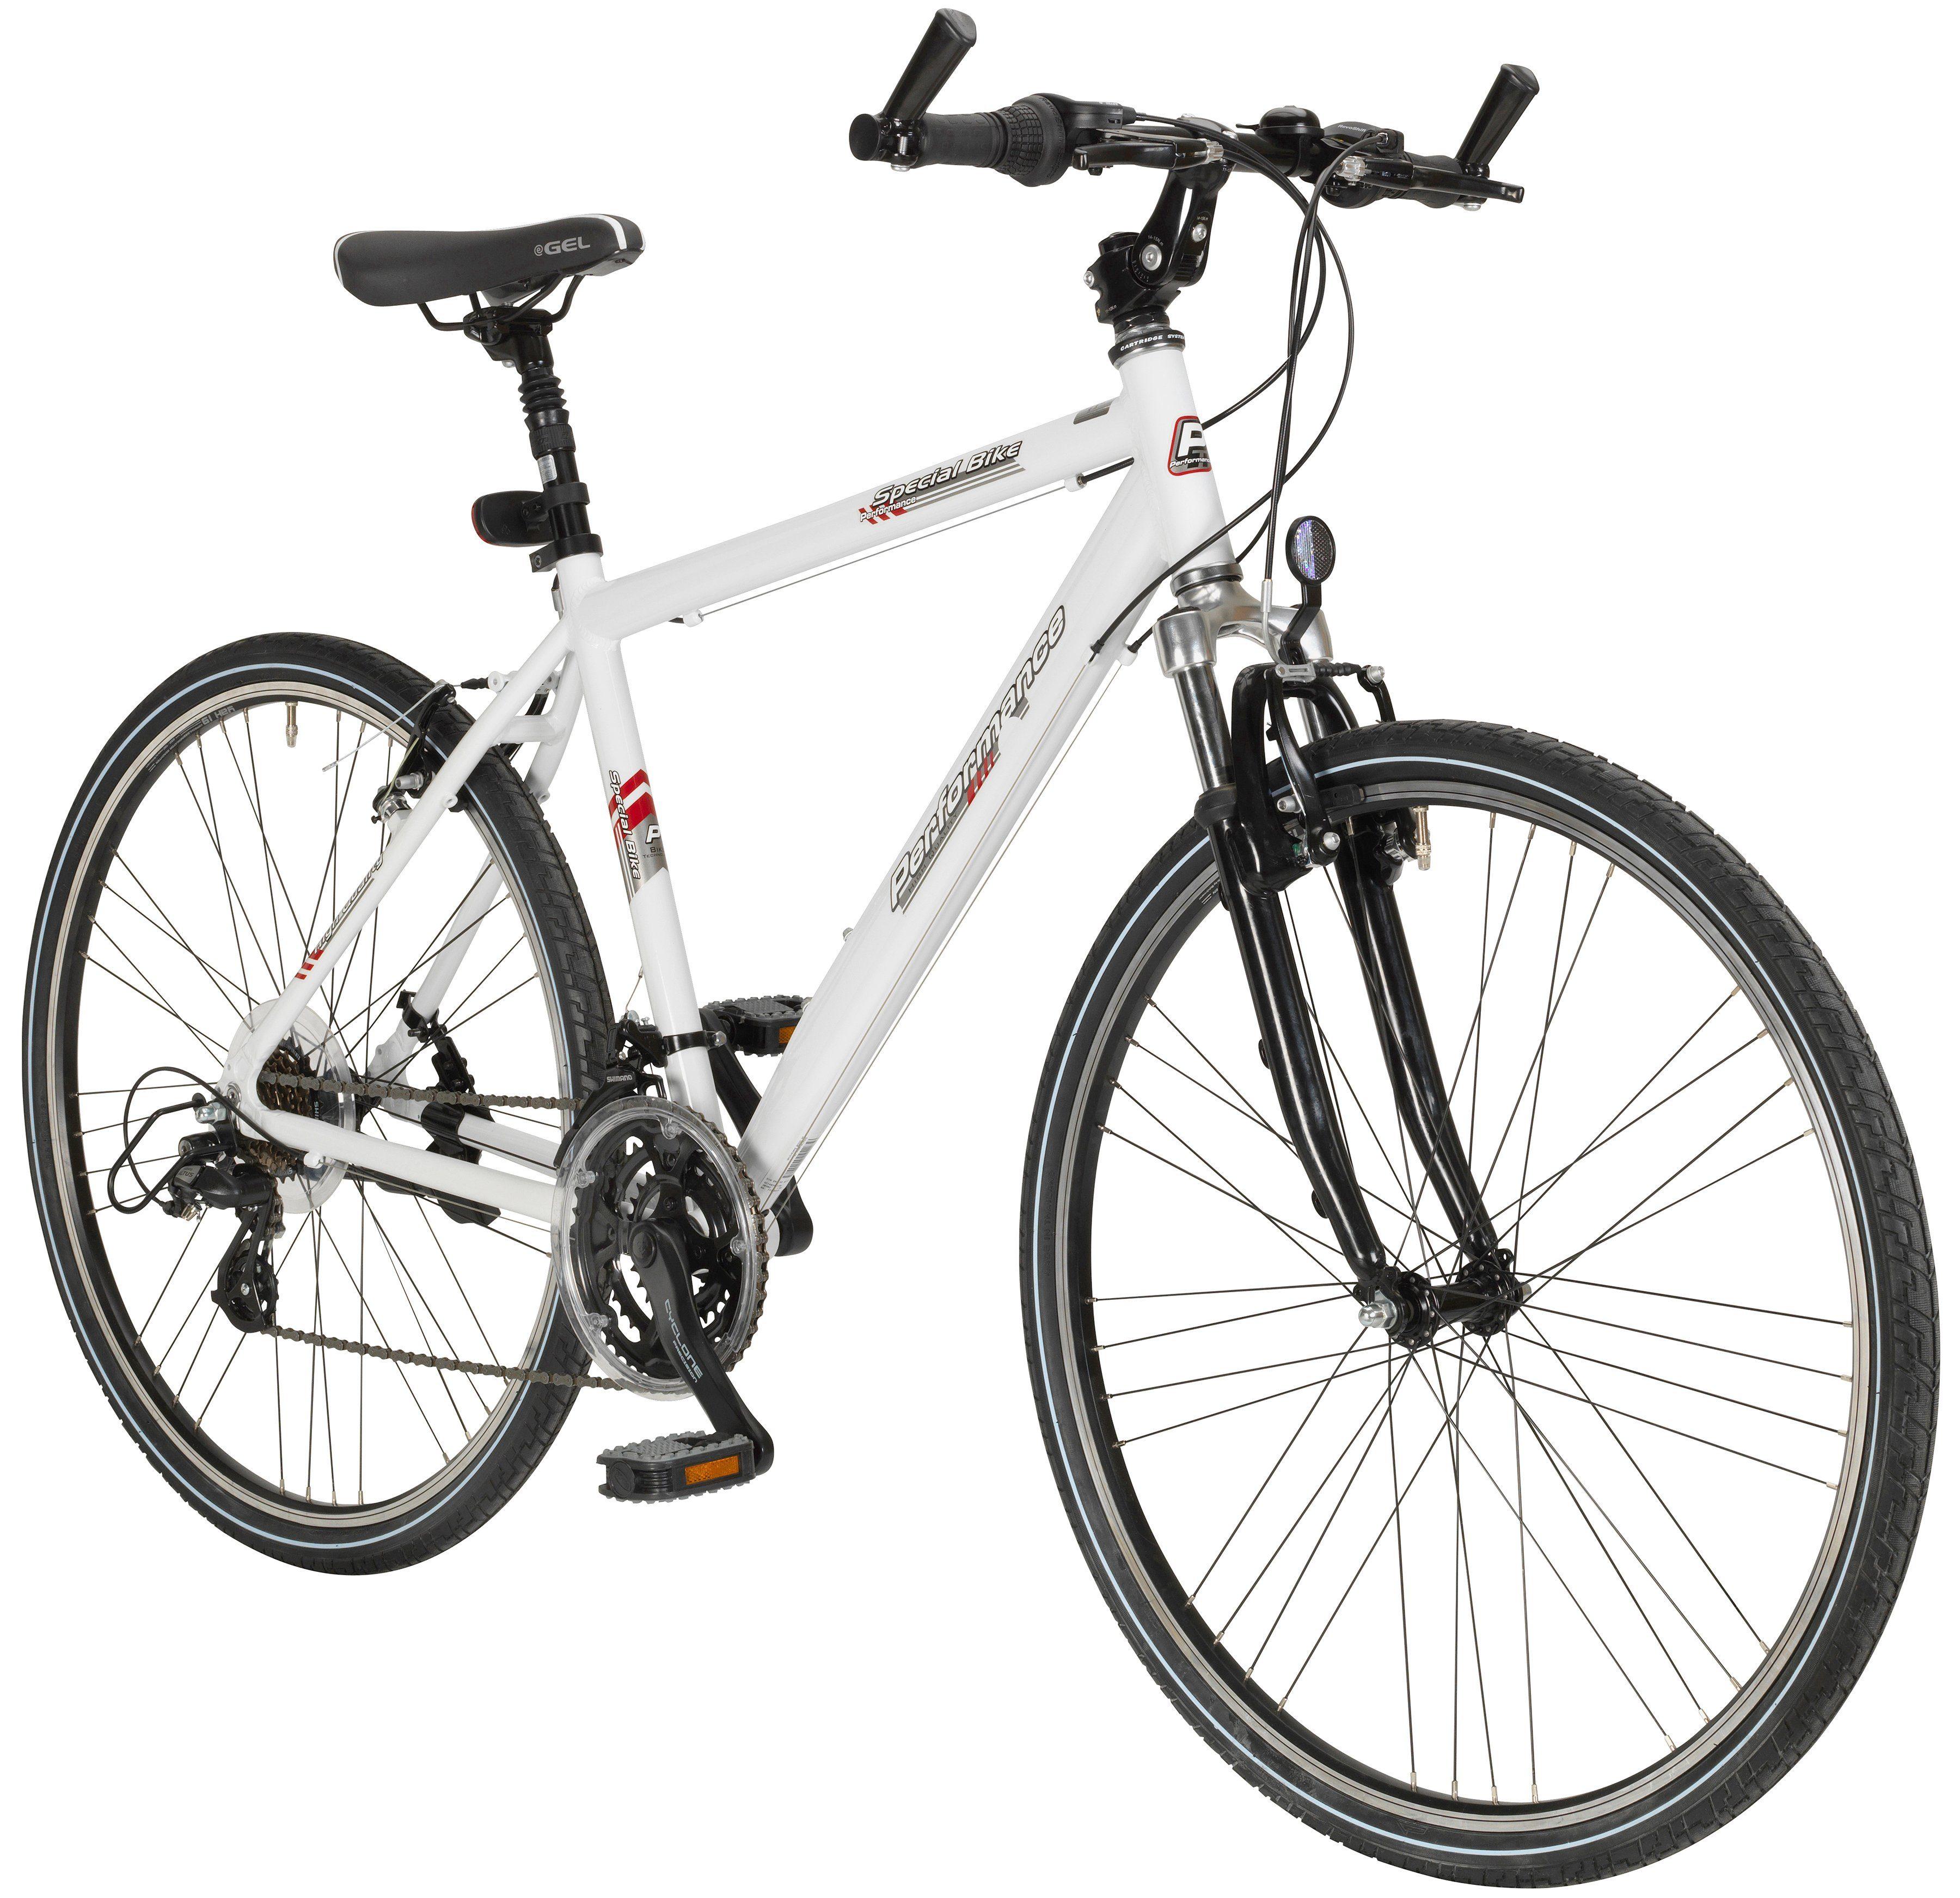 PERFORMANCE Crossbike »Melbourne«, 28 Zoll, 21 Gang, V-Bremsen